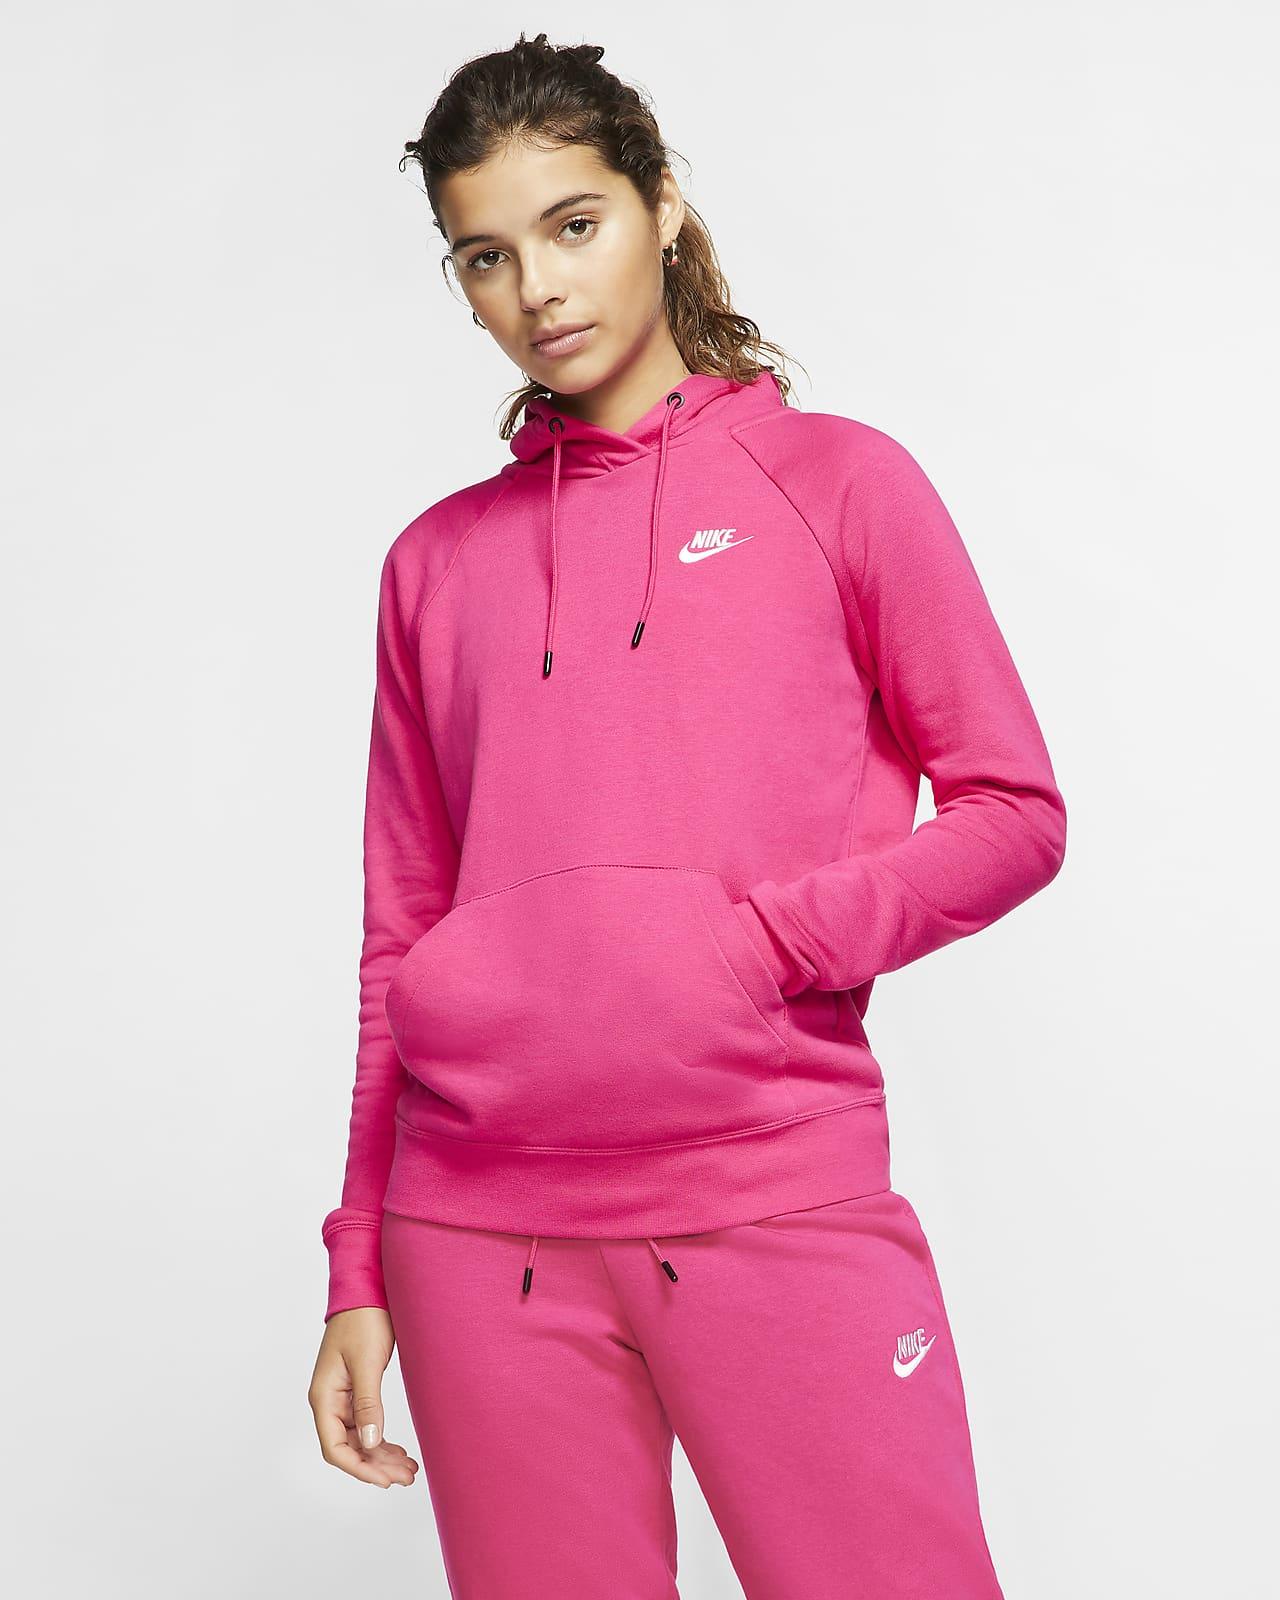 Felpa pullover in fleece con cappuccio Nike Sportswear Essential - Donna